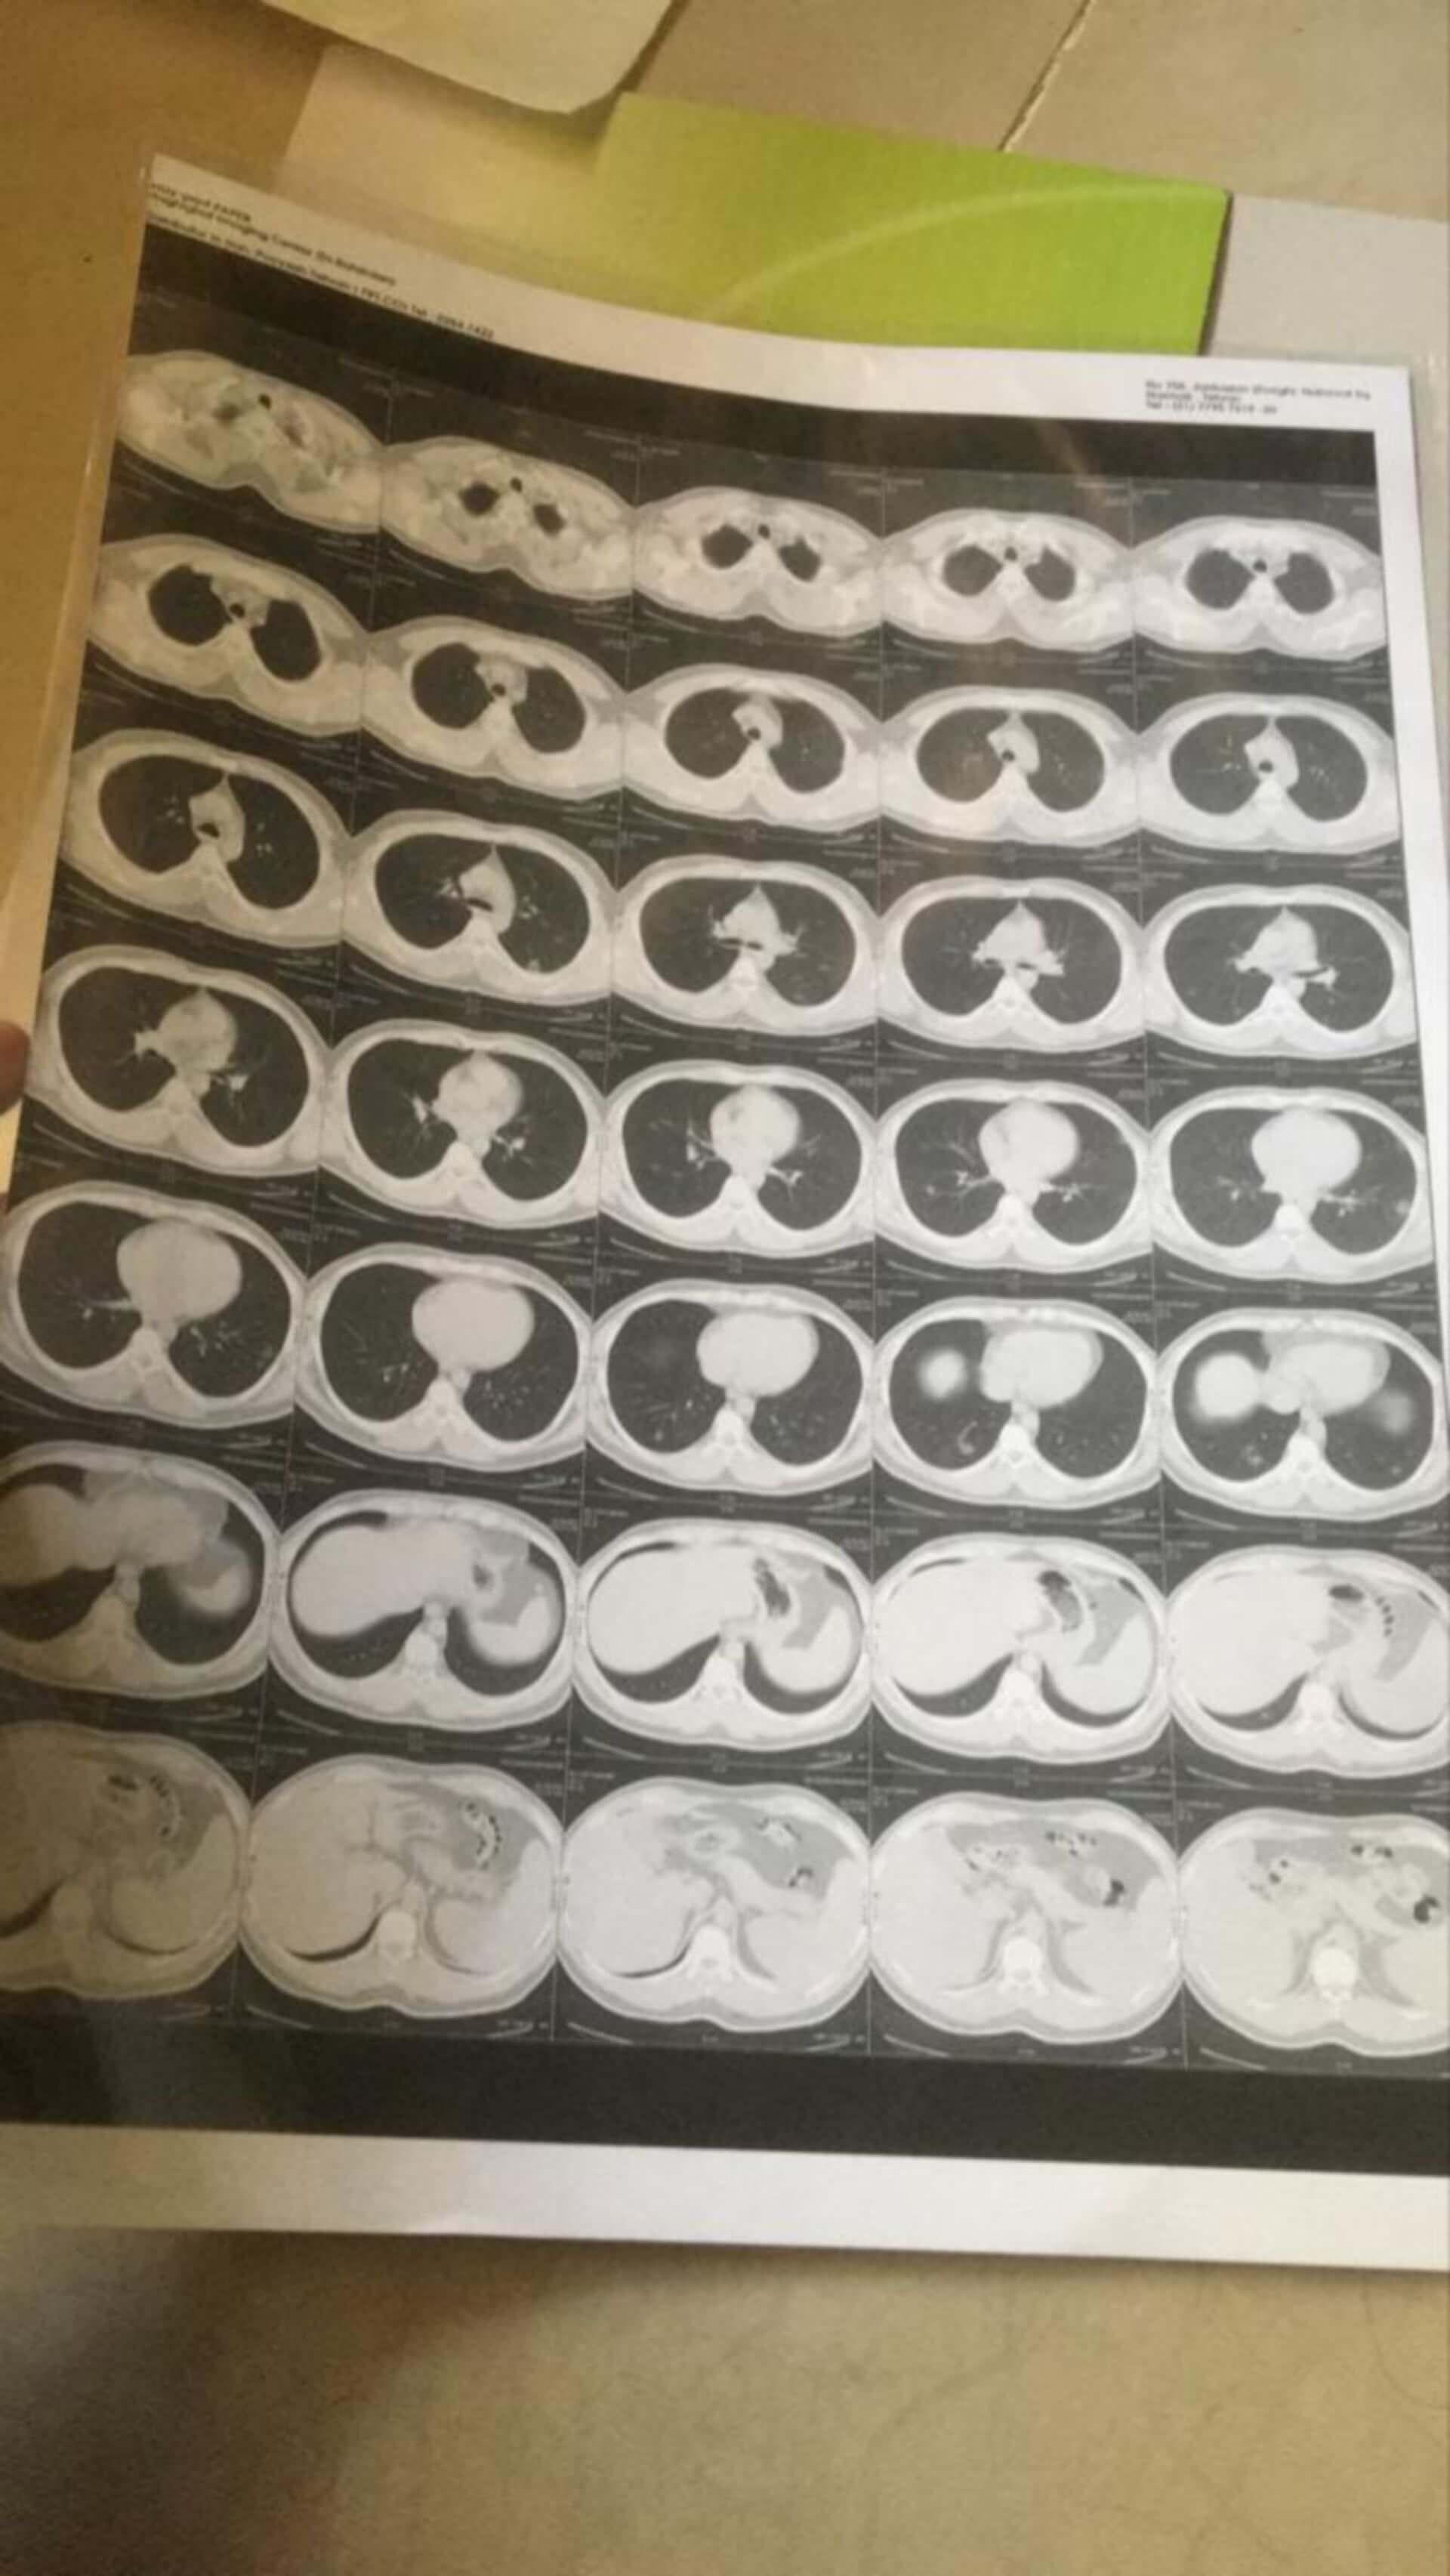 Bitte um Befundung der CT Thorax Bilder